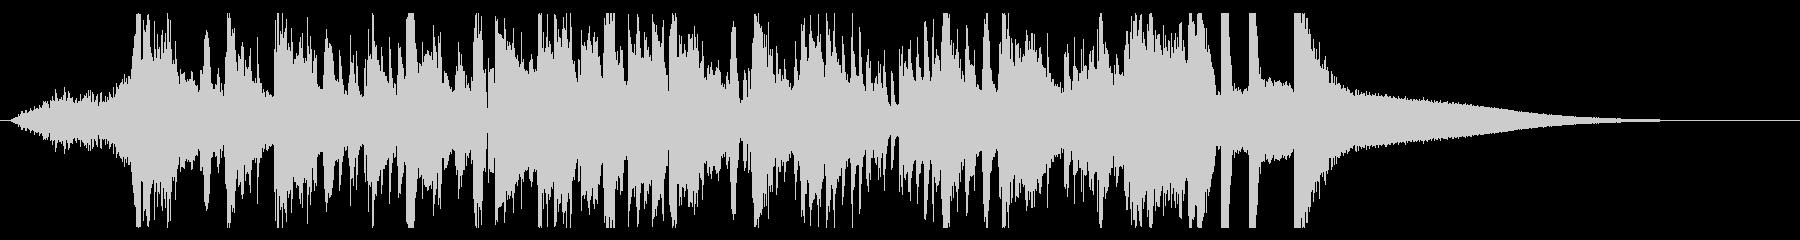 ハイテク企業ジングル 疾走感ジャズピアノの未再生の波形